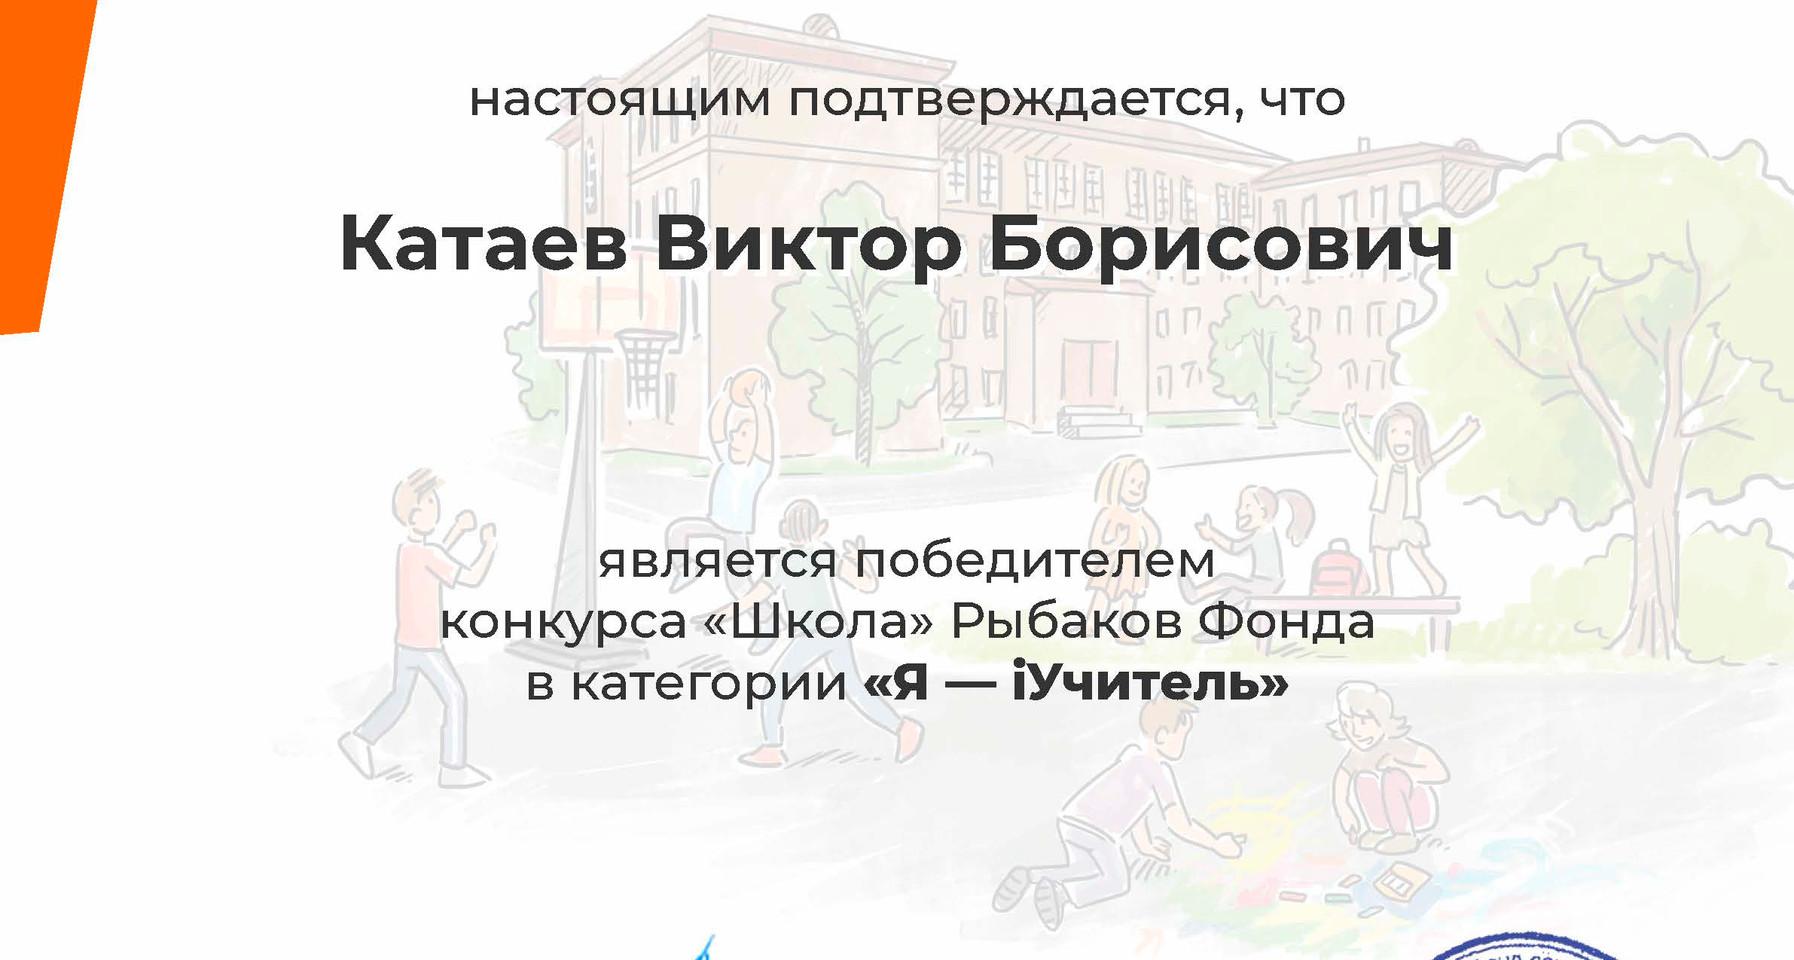 Победитель Всероссийского конкурса iУчитель